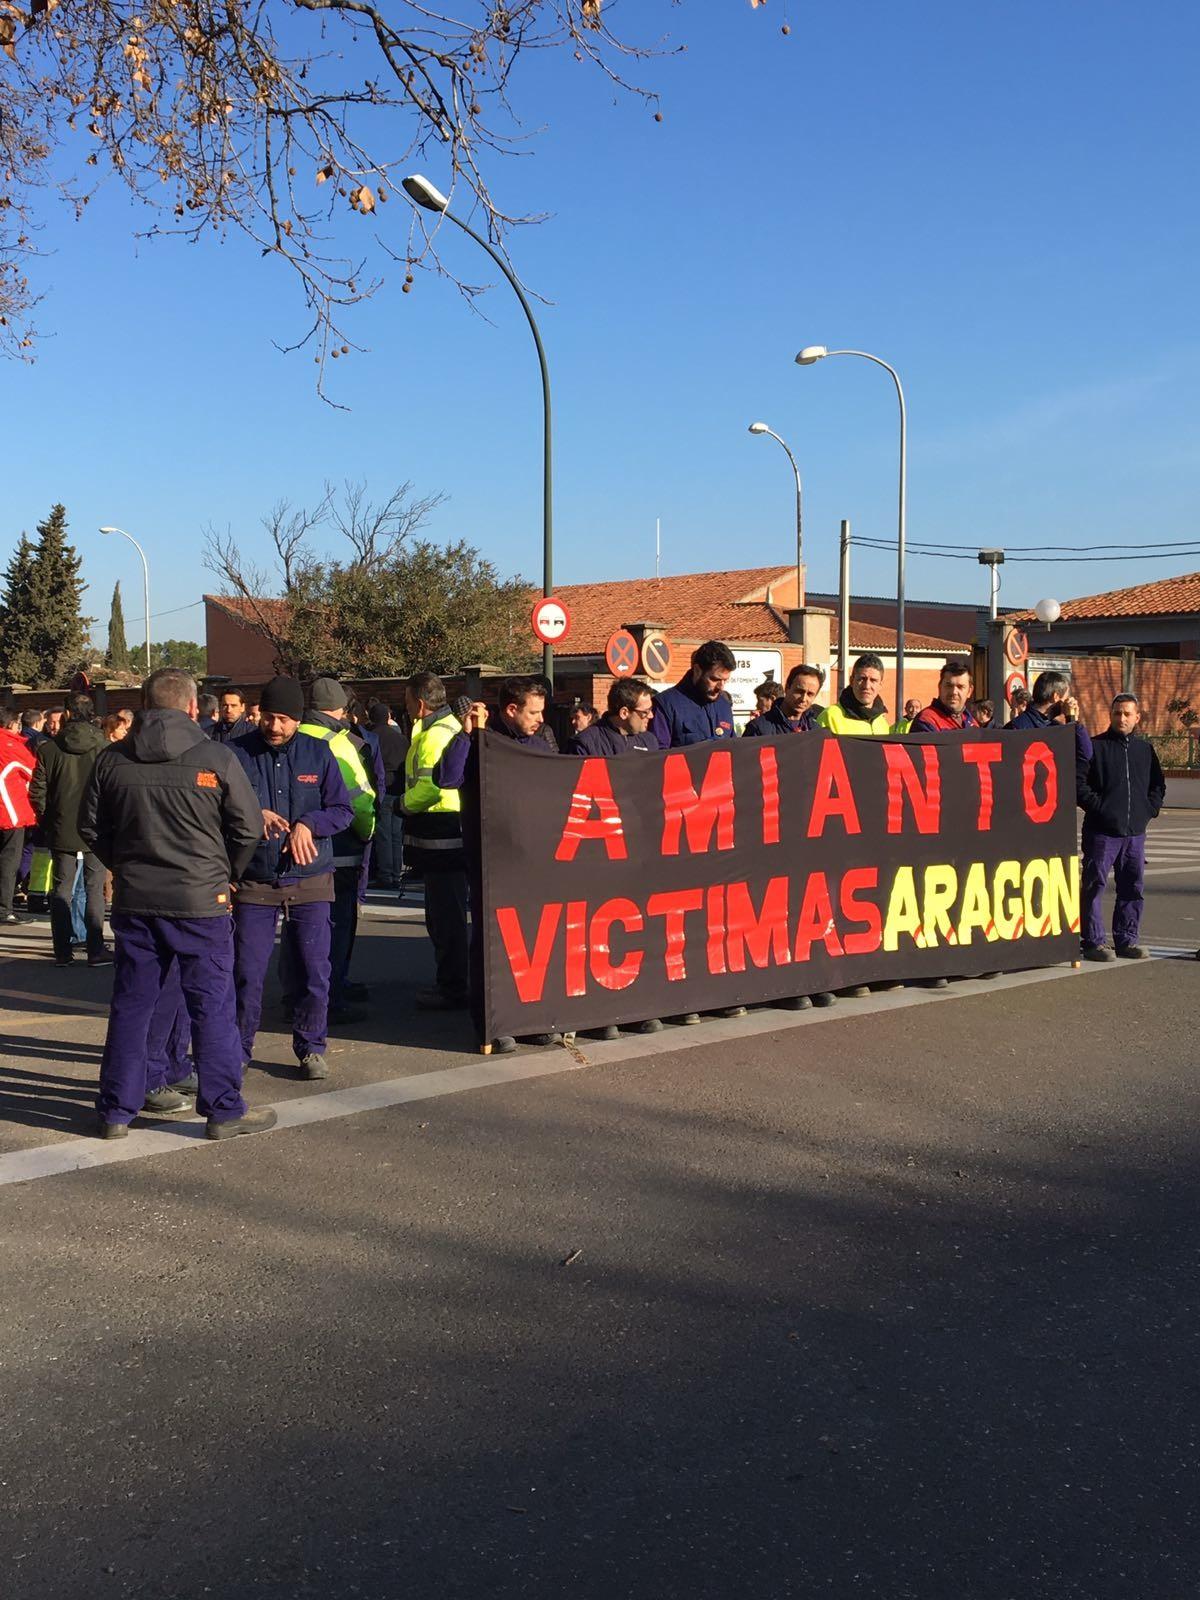 CAF Zaragoza. El Amianto mata, sus responsables también….movilizaciones en memoria de un compañero fallecido la semana pasada.